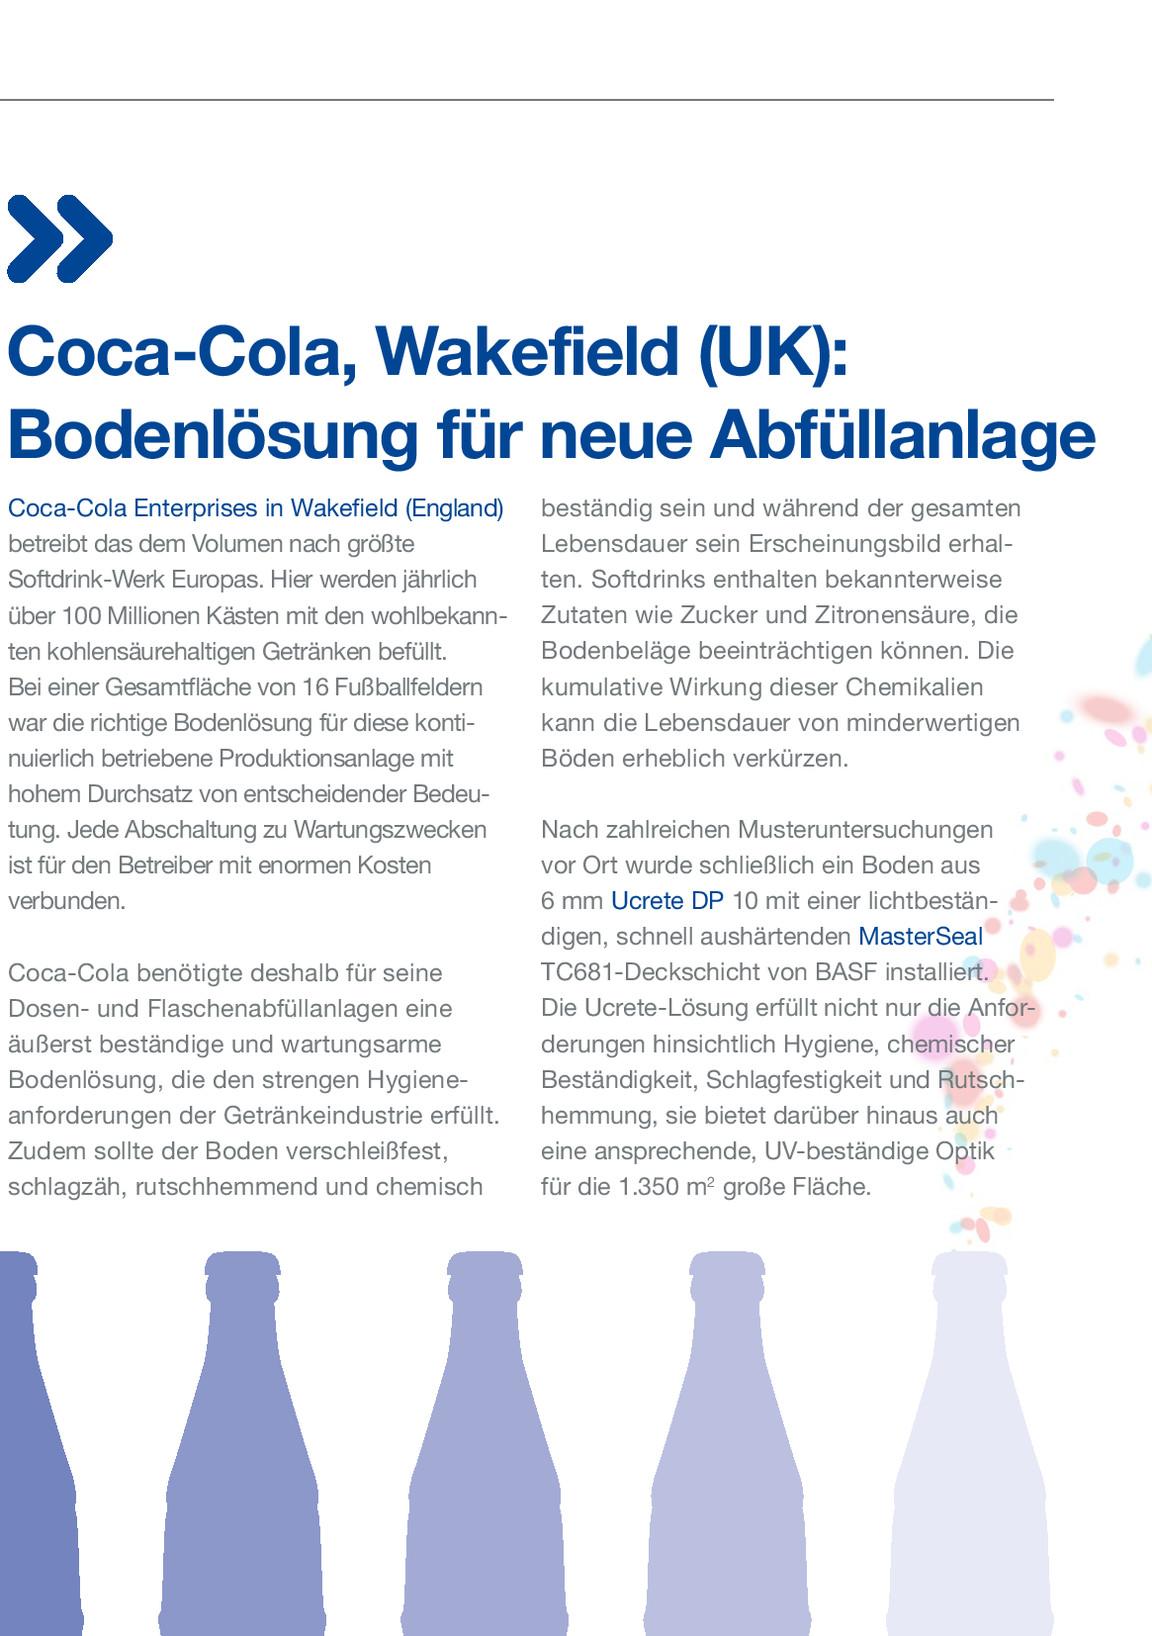 Wunderbar Getränke Streng Ideen - Hauptinnenideen - kakados.com